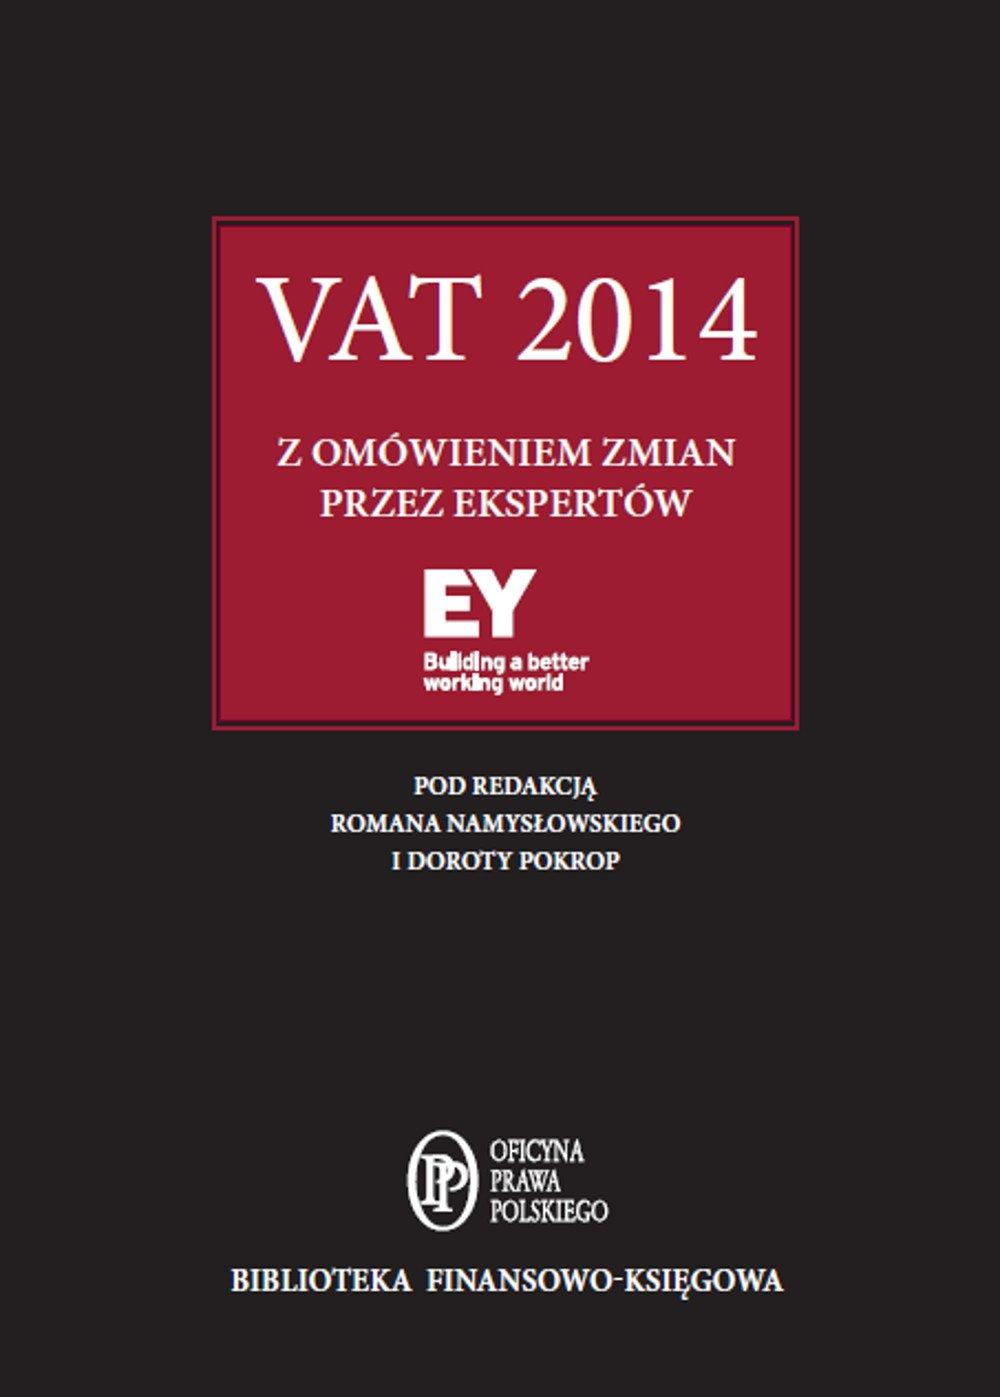 VAT 2014 z omówieniem ekspertów EY - Ebook (Książka PDF) do pobrania w formacie PDF